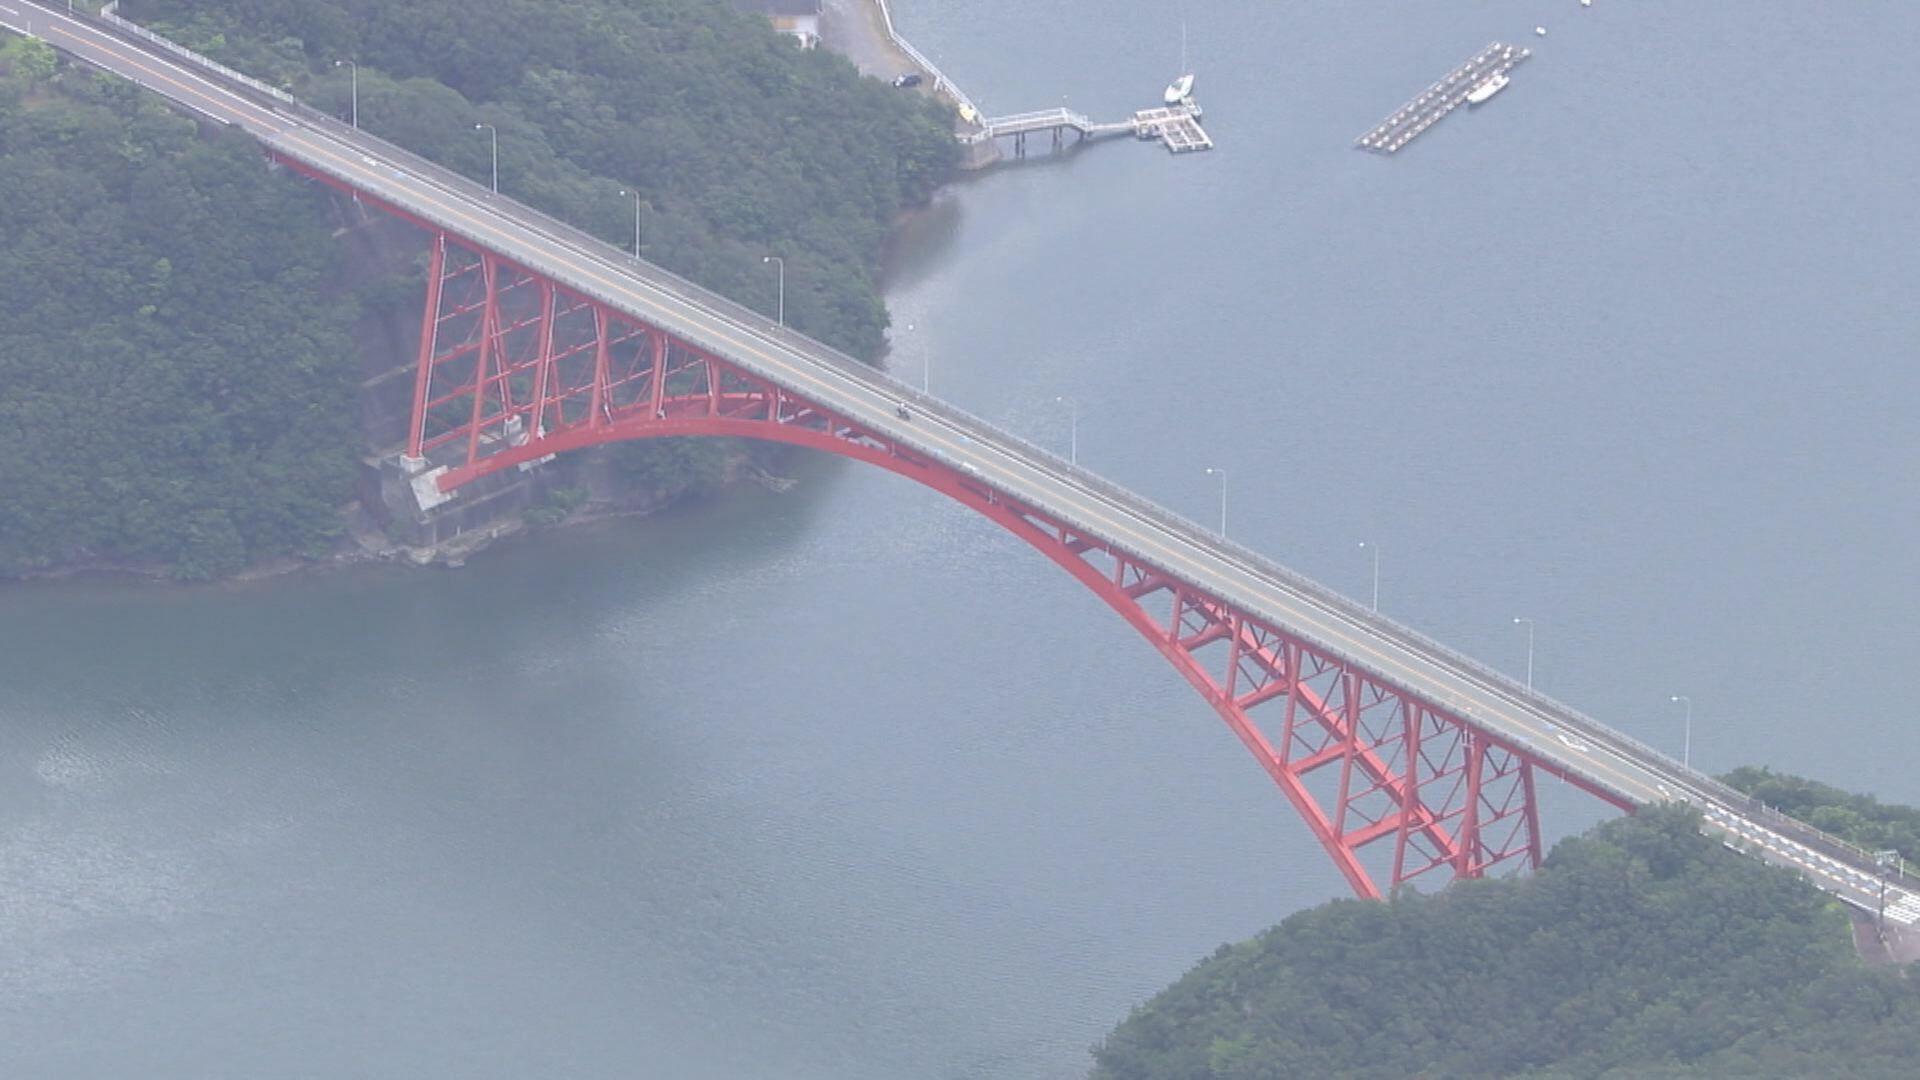 【三重】無免許の通報でパトカー追跡 橋から飛び降りようとする男性…警官4人で止めるも宙づり状態になりズボンが脱げ 40m下の海に落下  [ばーど★]